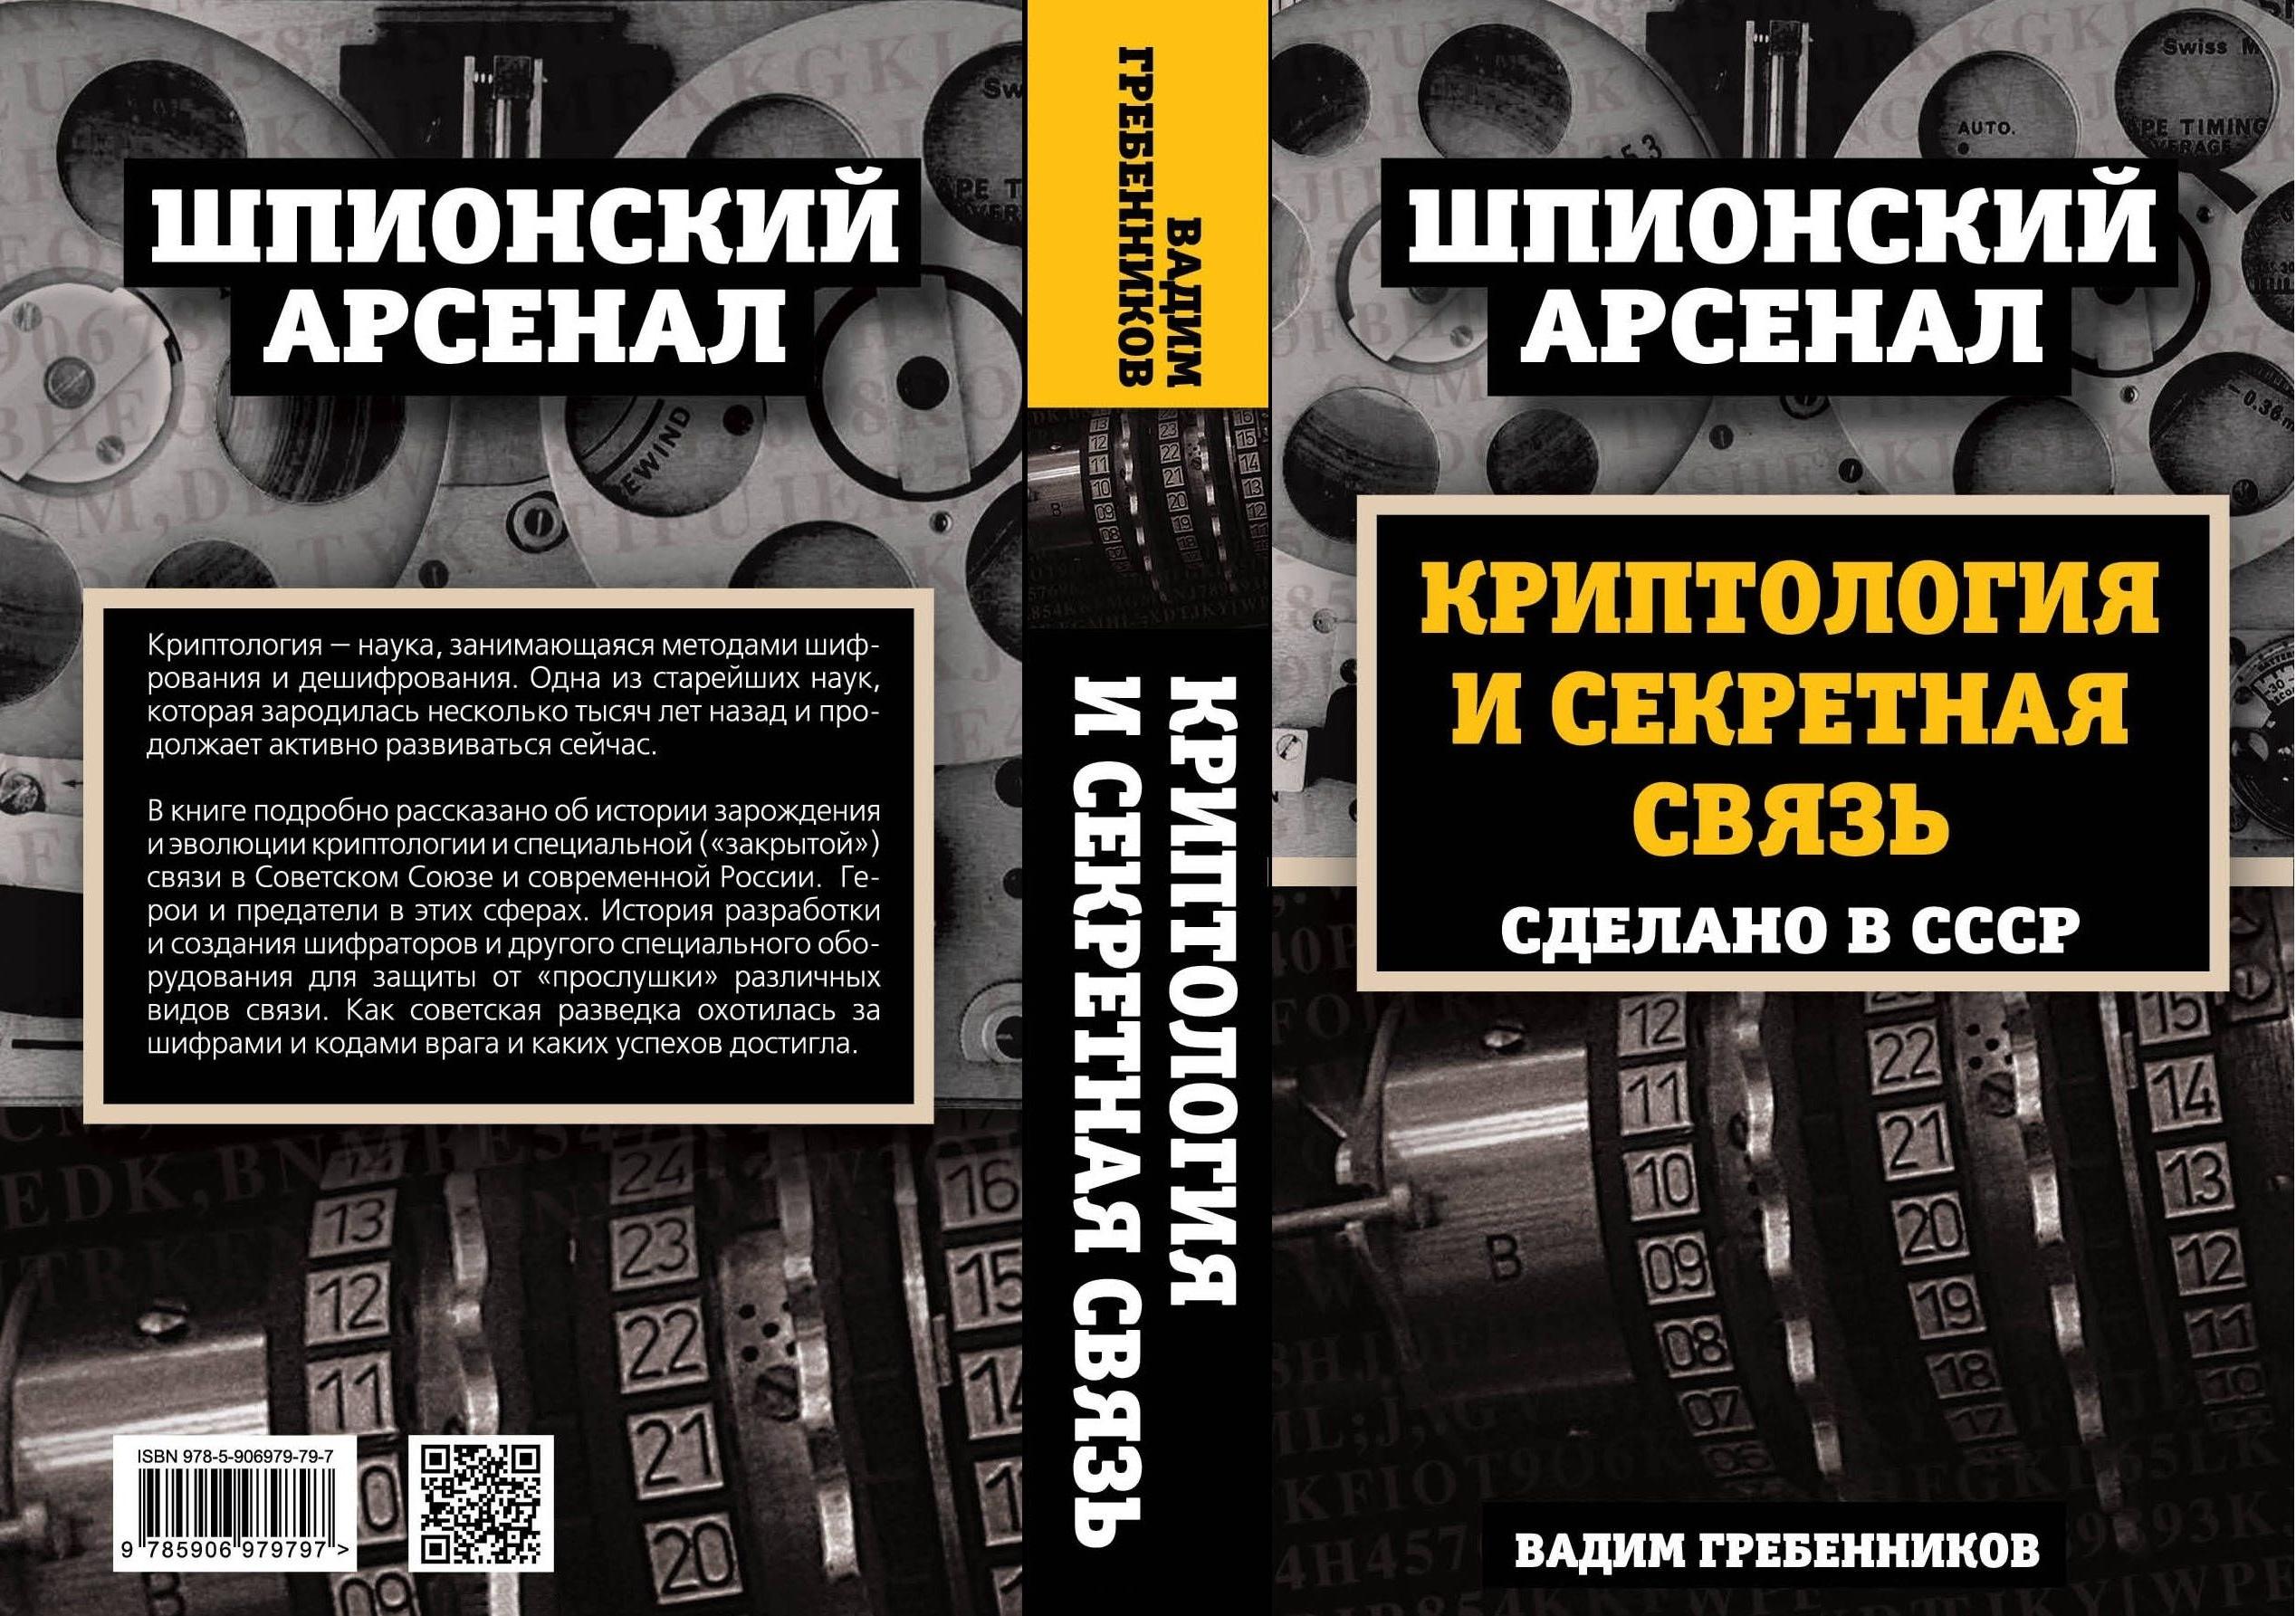 Криптология и секретная связь. Сделано в СССР